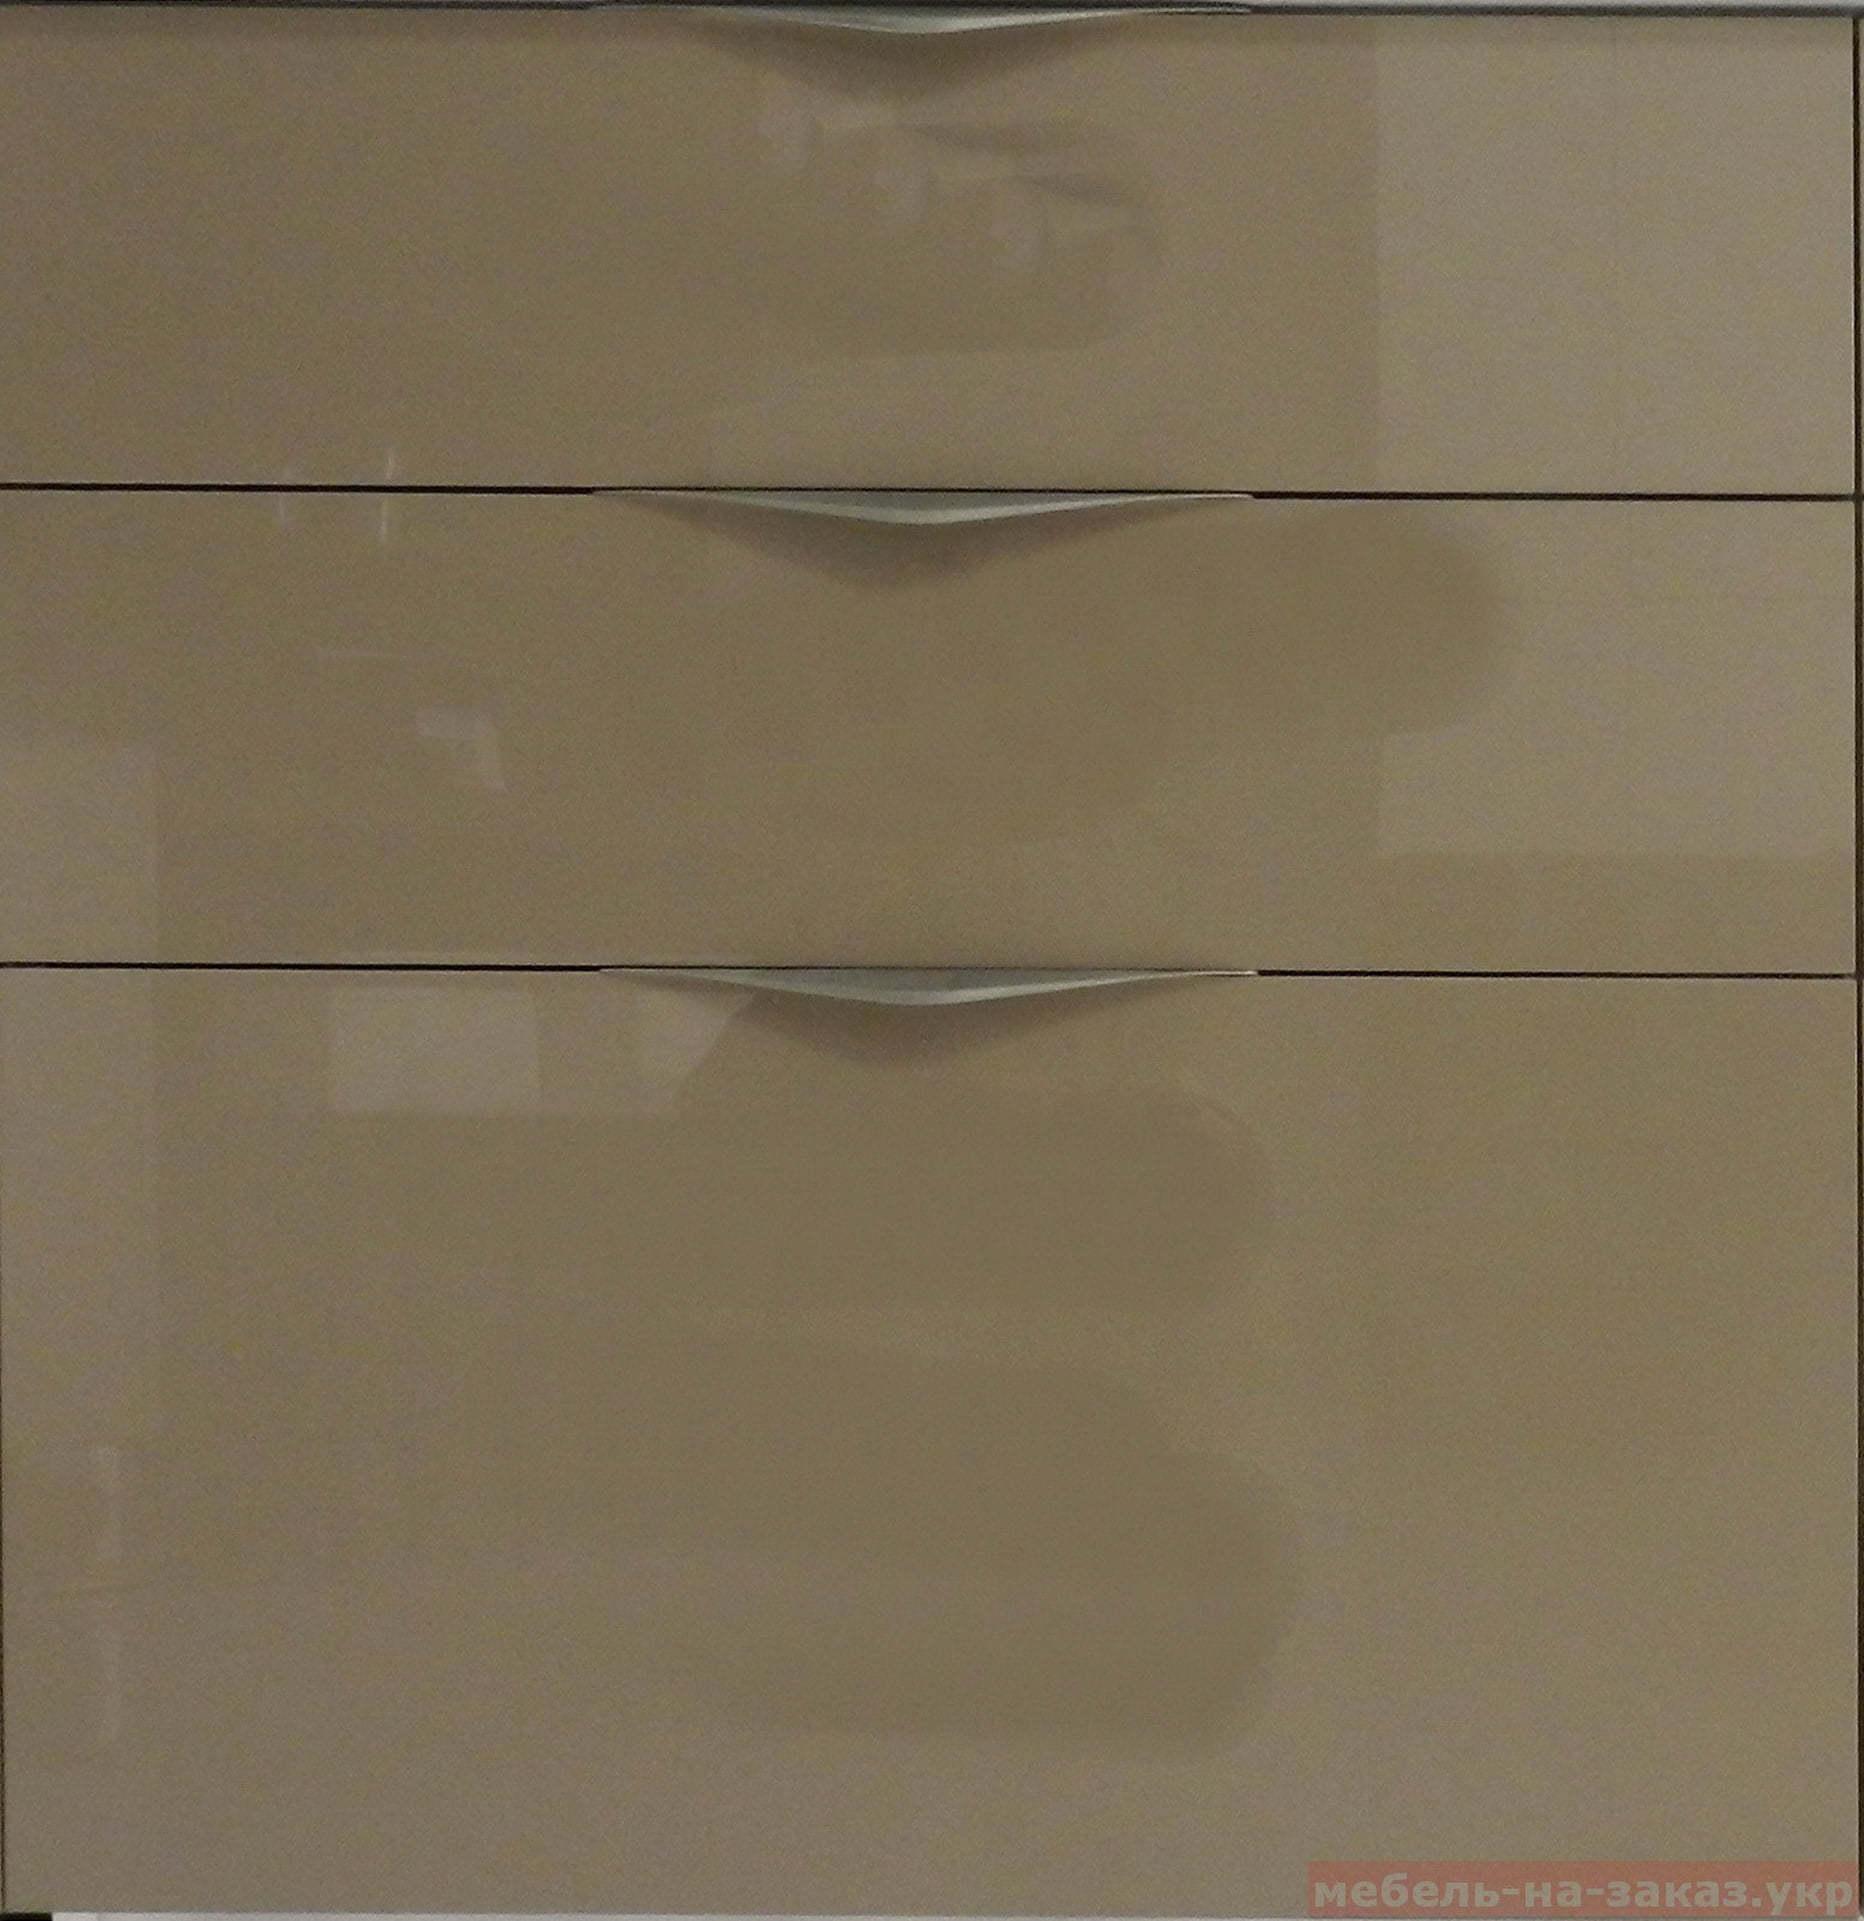 кухонные фасады в алюминиевом профиле